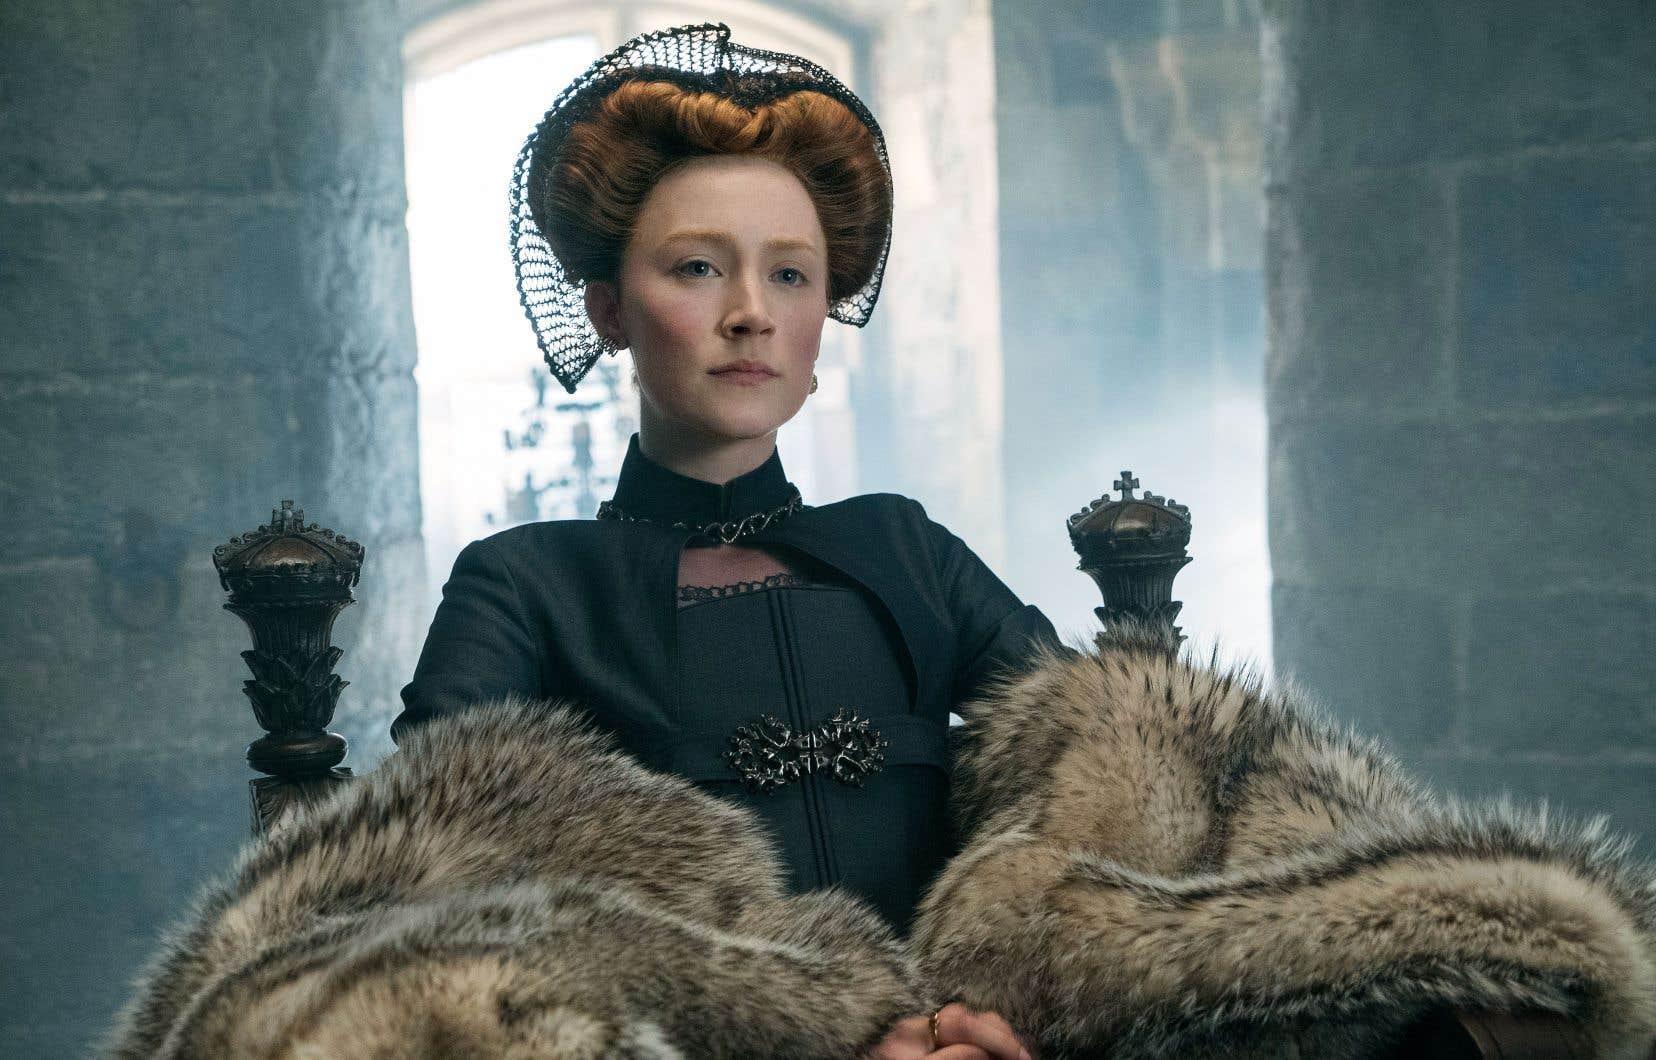 «Mary Queen of Scots» est un film d'époque qui charme par la splendeur de ses images.